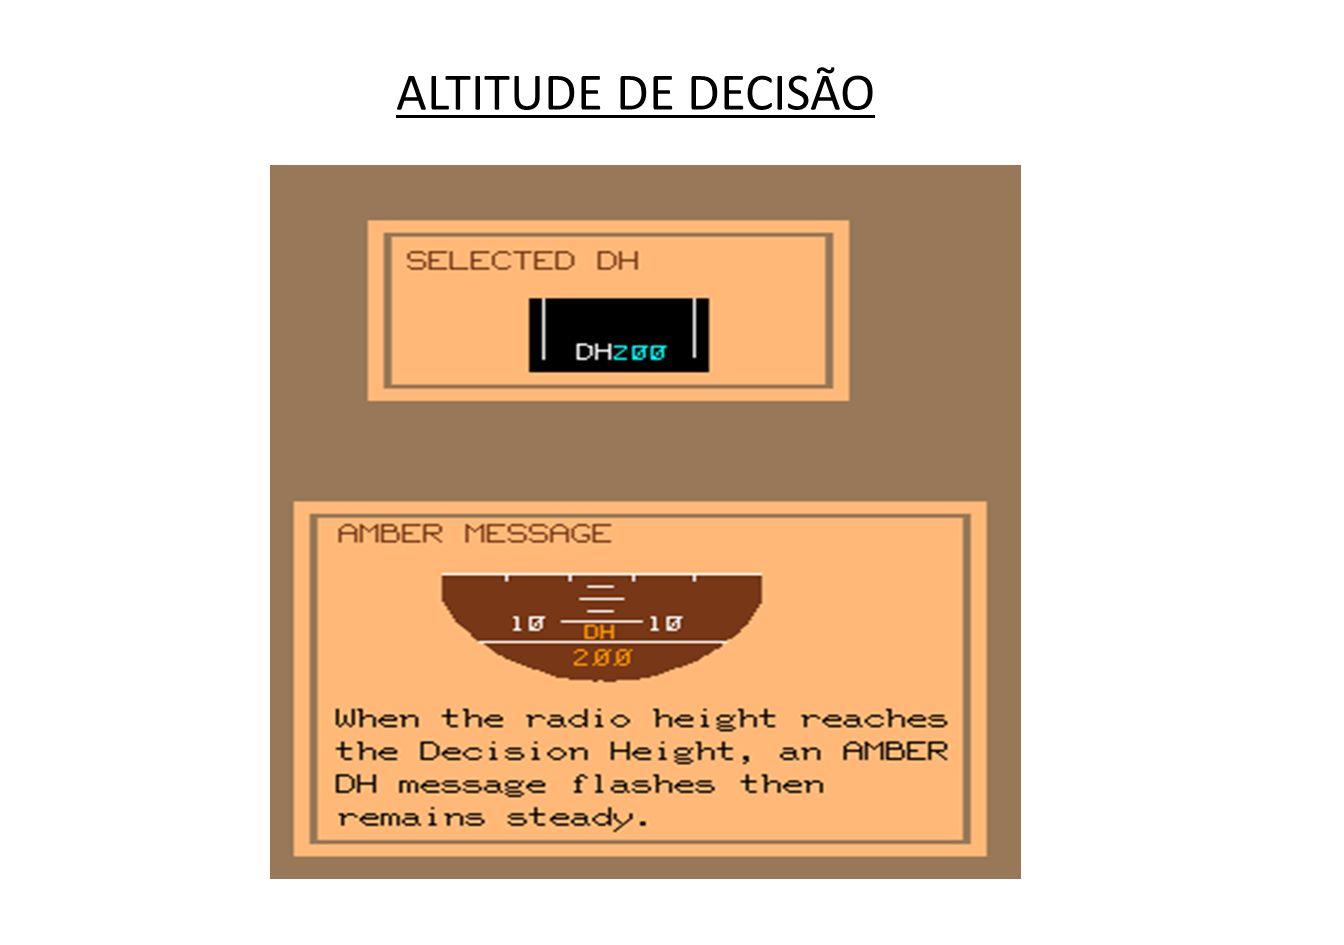 ALTITUDE DE DECISÃO